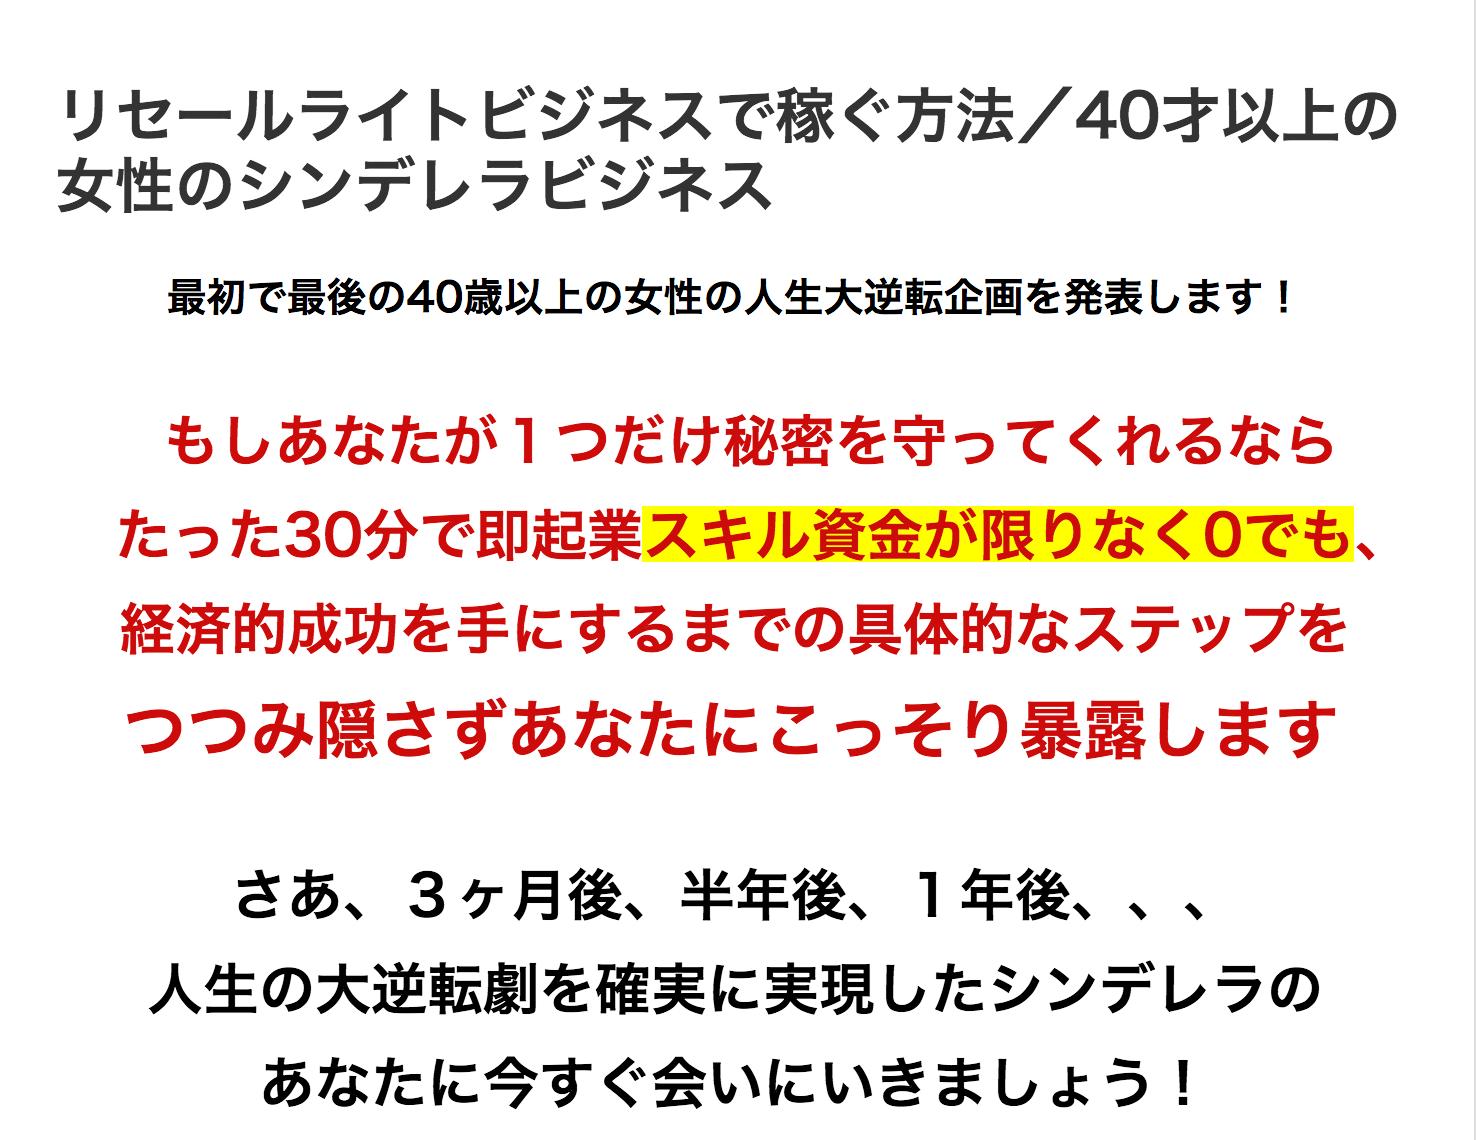 松尾 明子のリセールライトビジネスで稼ぐ方法/40才以上の女性のシンデレラビジネス